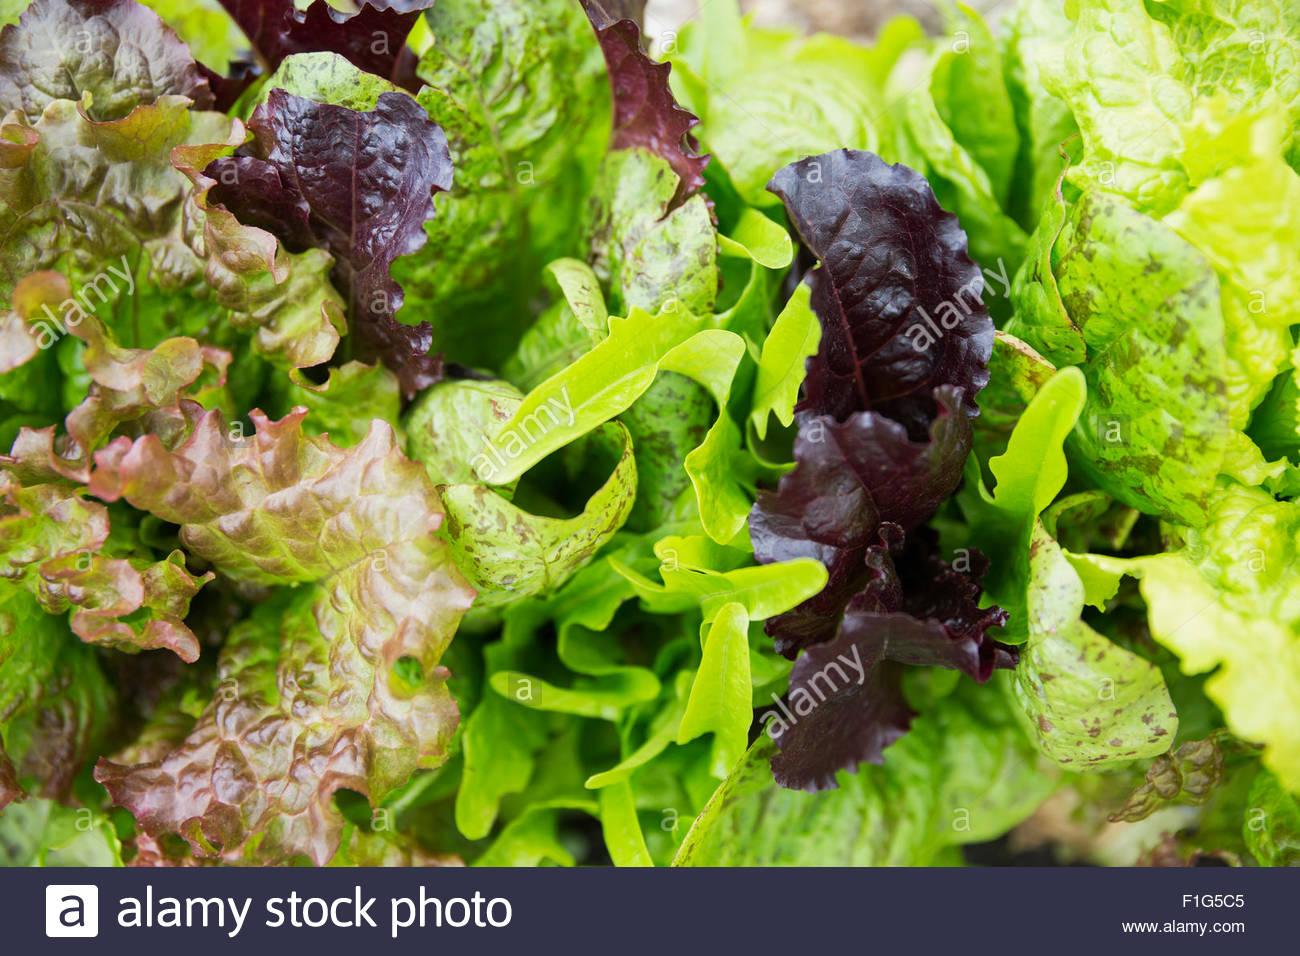 Frais plein cadre vert feuille laitue frisée rouge Photo Stock